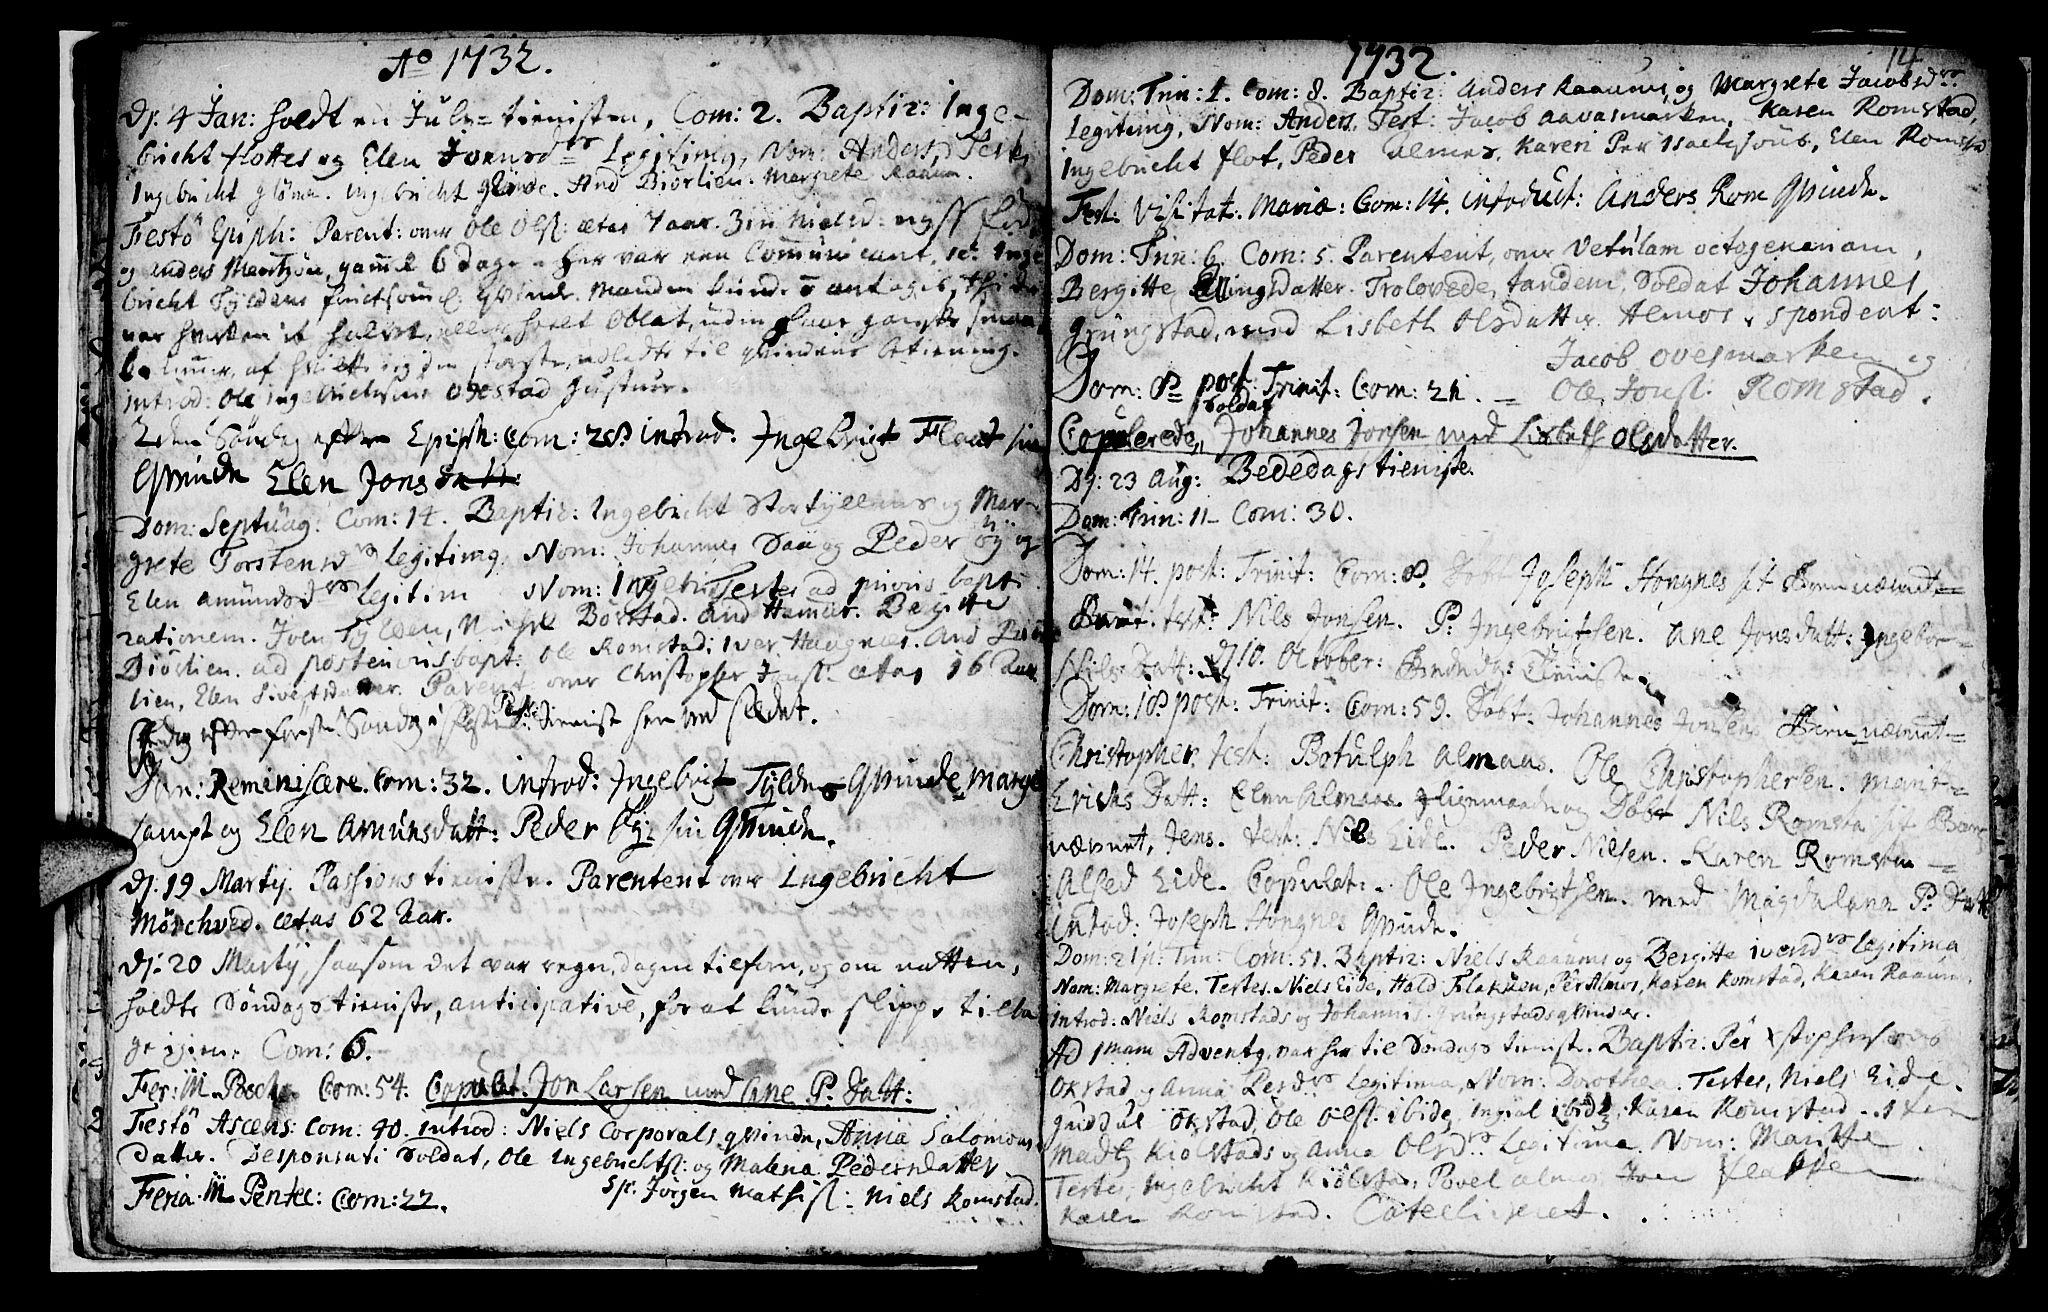 SAT, Ministerialprotokoller, klokkerbøker og fødselsregistre - Nord-Trøndelag, 765/L0560: Ministerialbok nr. 765A01, 1706-1748, s. 14